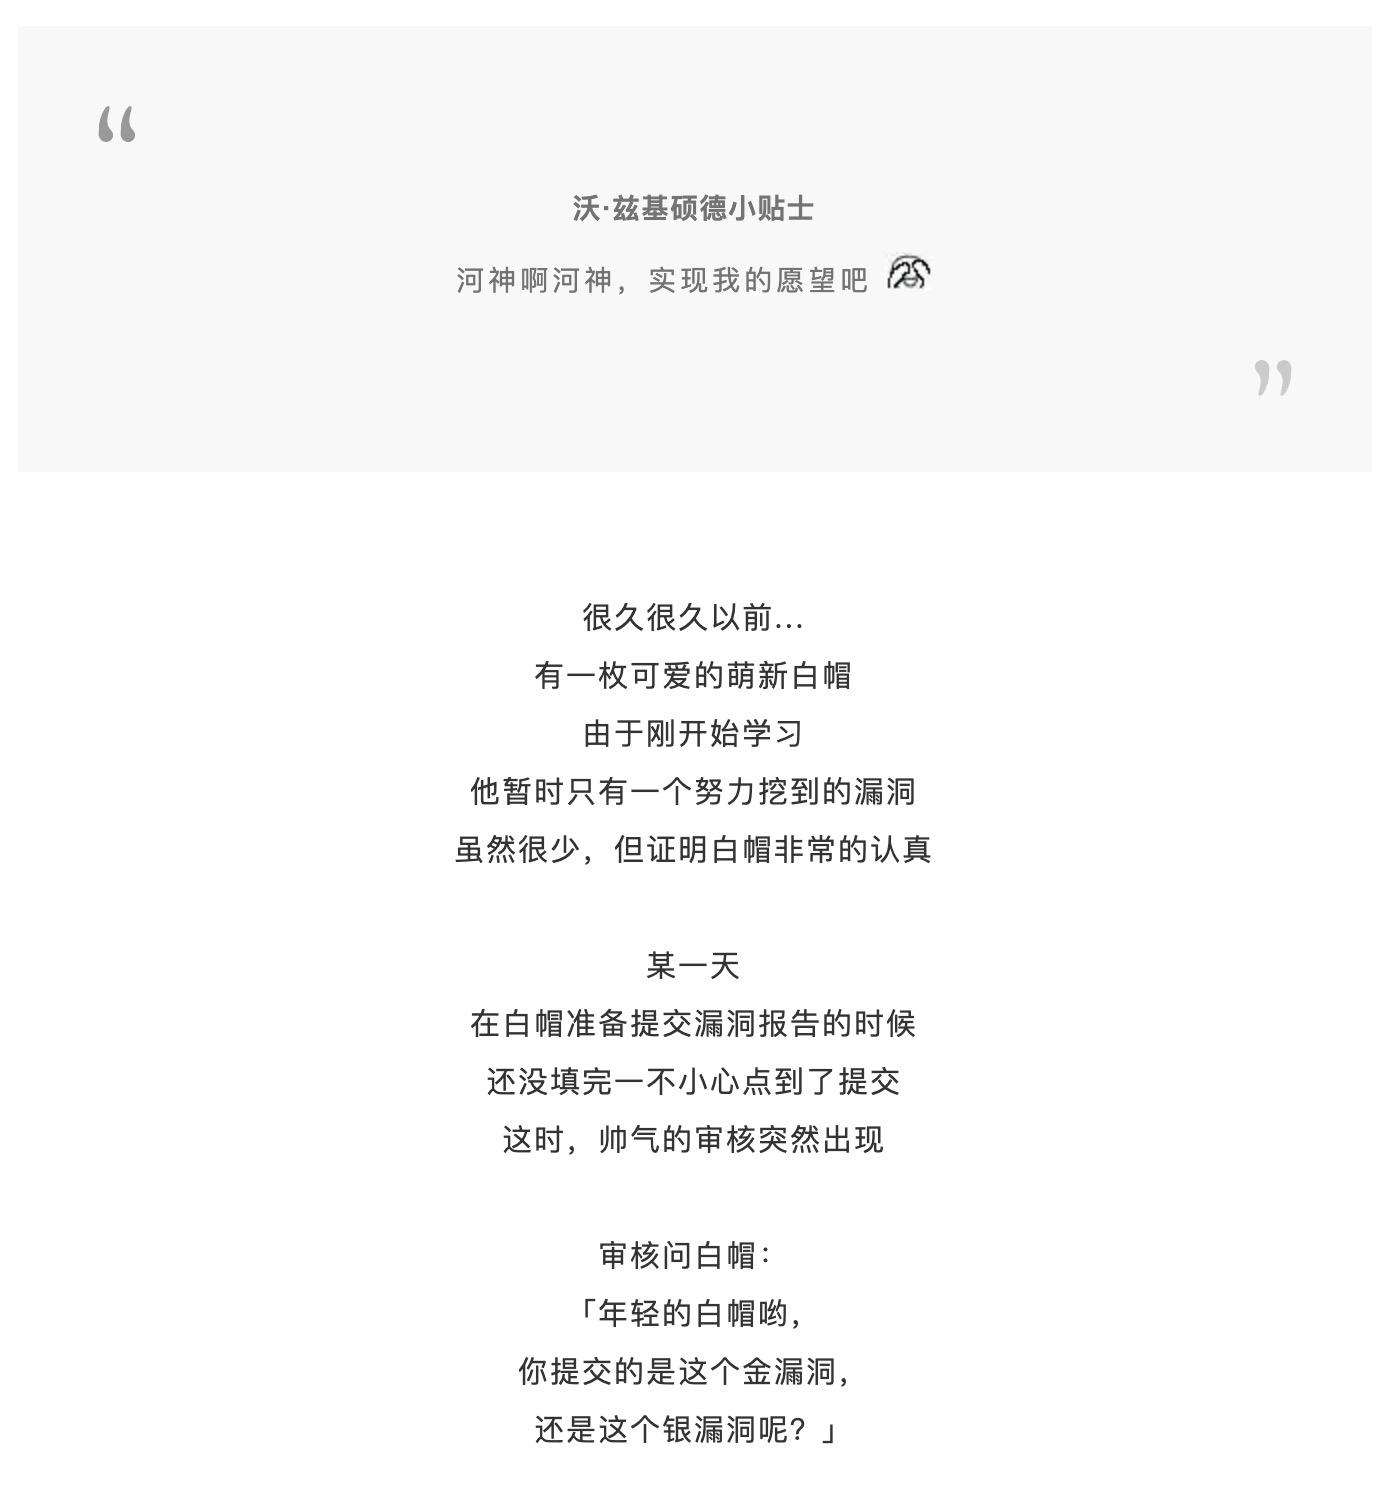 https://momo-mmsrc.oss-cn-hangzhou.aliyuncs.com/img-c1756683-e118-33ee-a679-a6f81f6059d0.jpeg